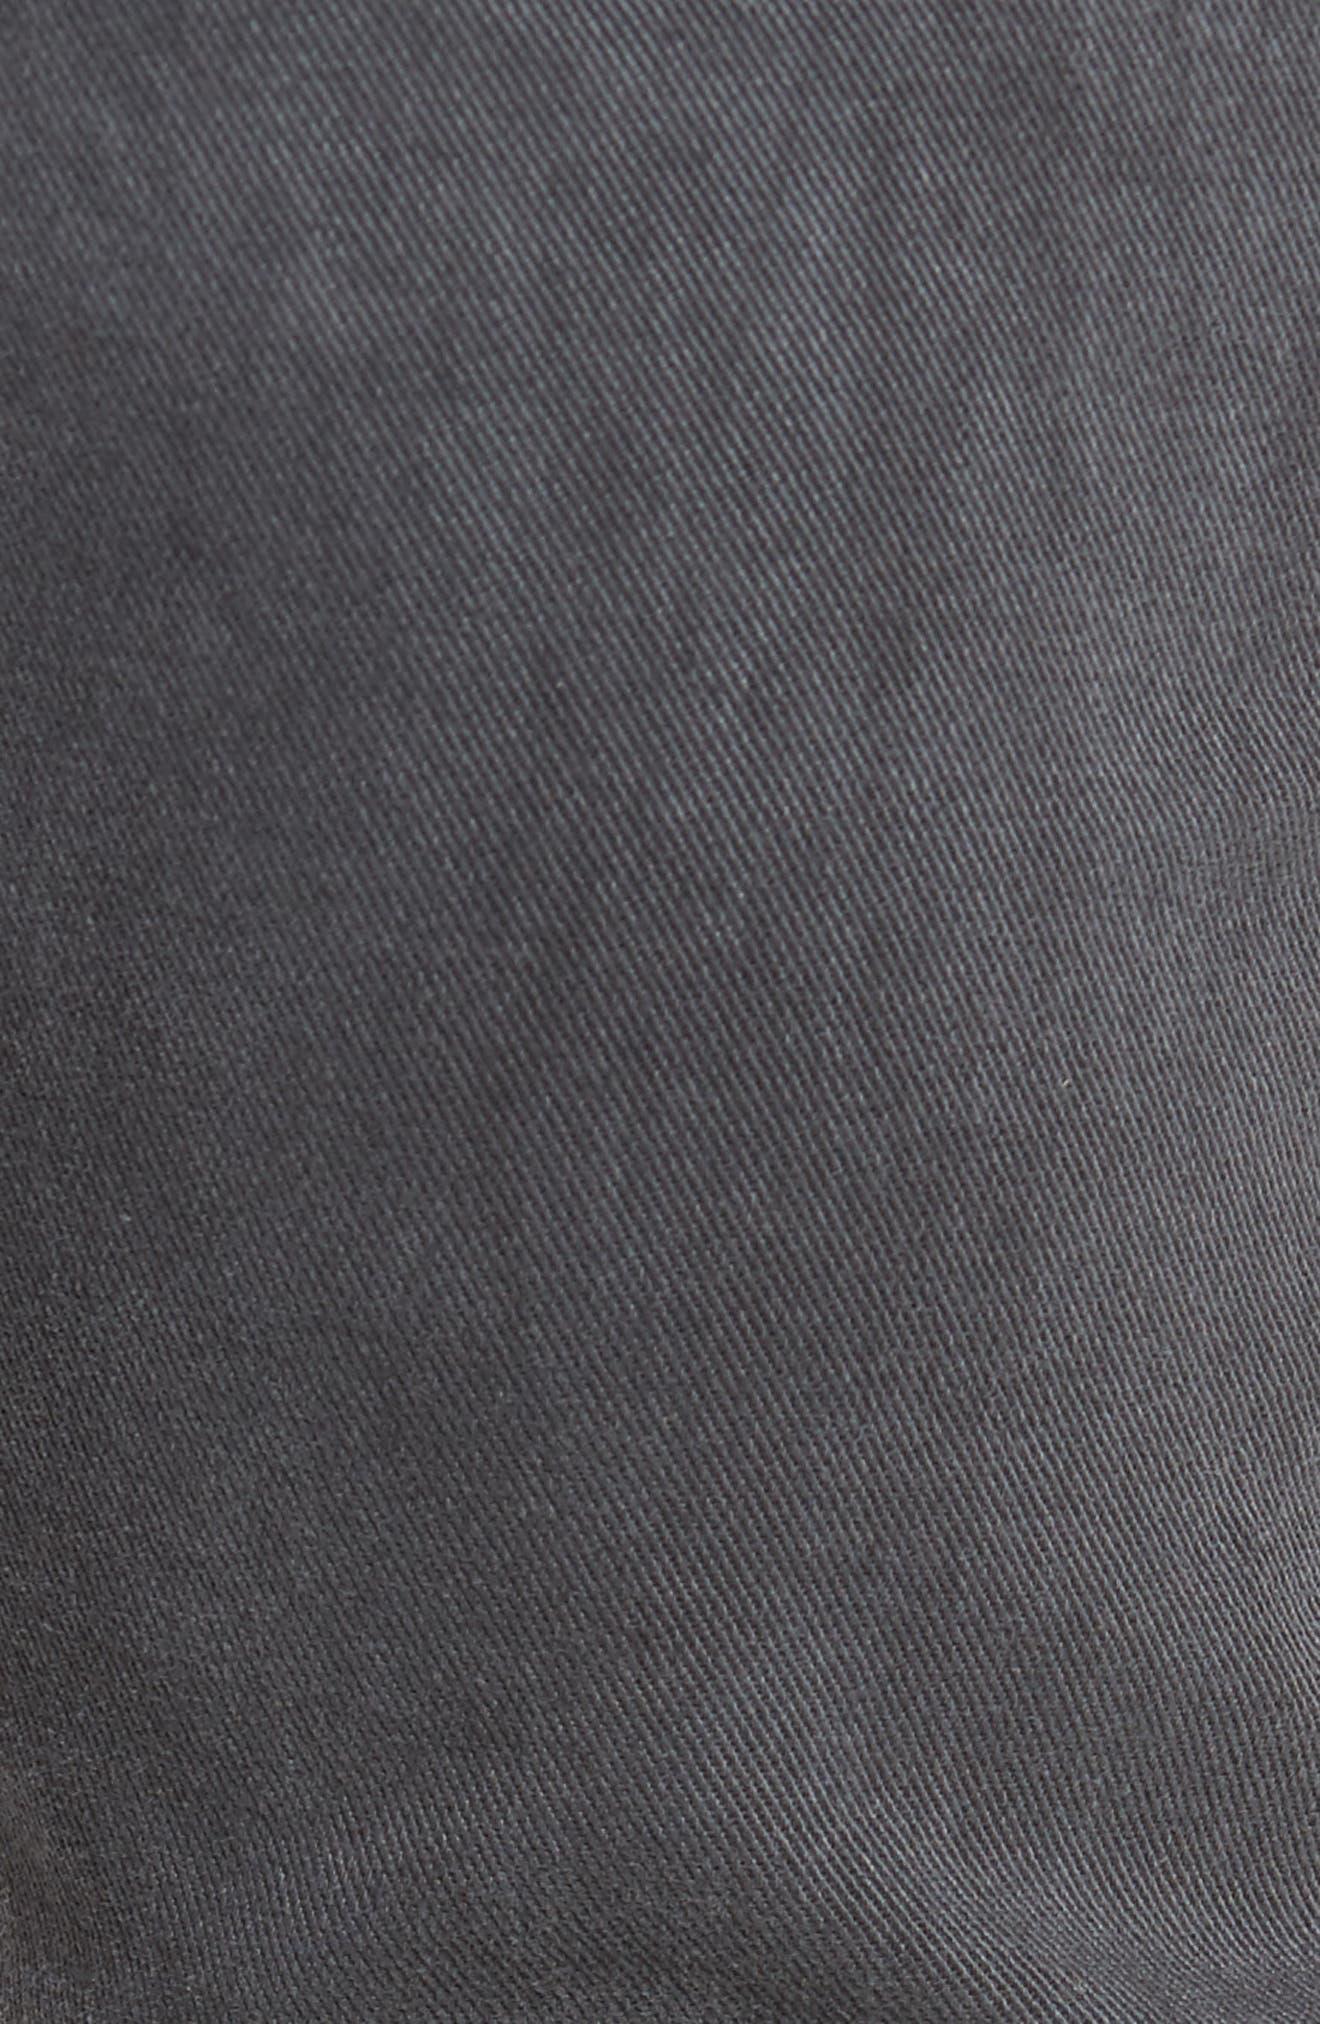 Alternate Image 5  - Hudson Jeans Blinder Biker Moto Skinny Fit Jeans (Mixtape)